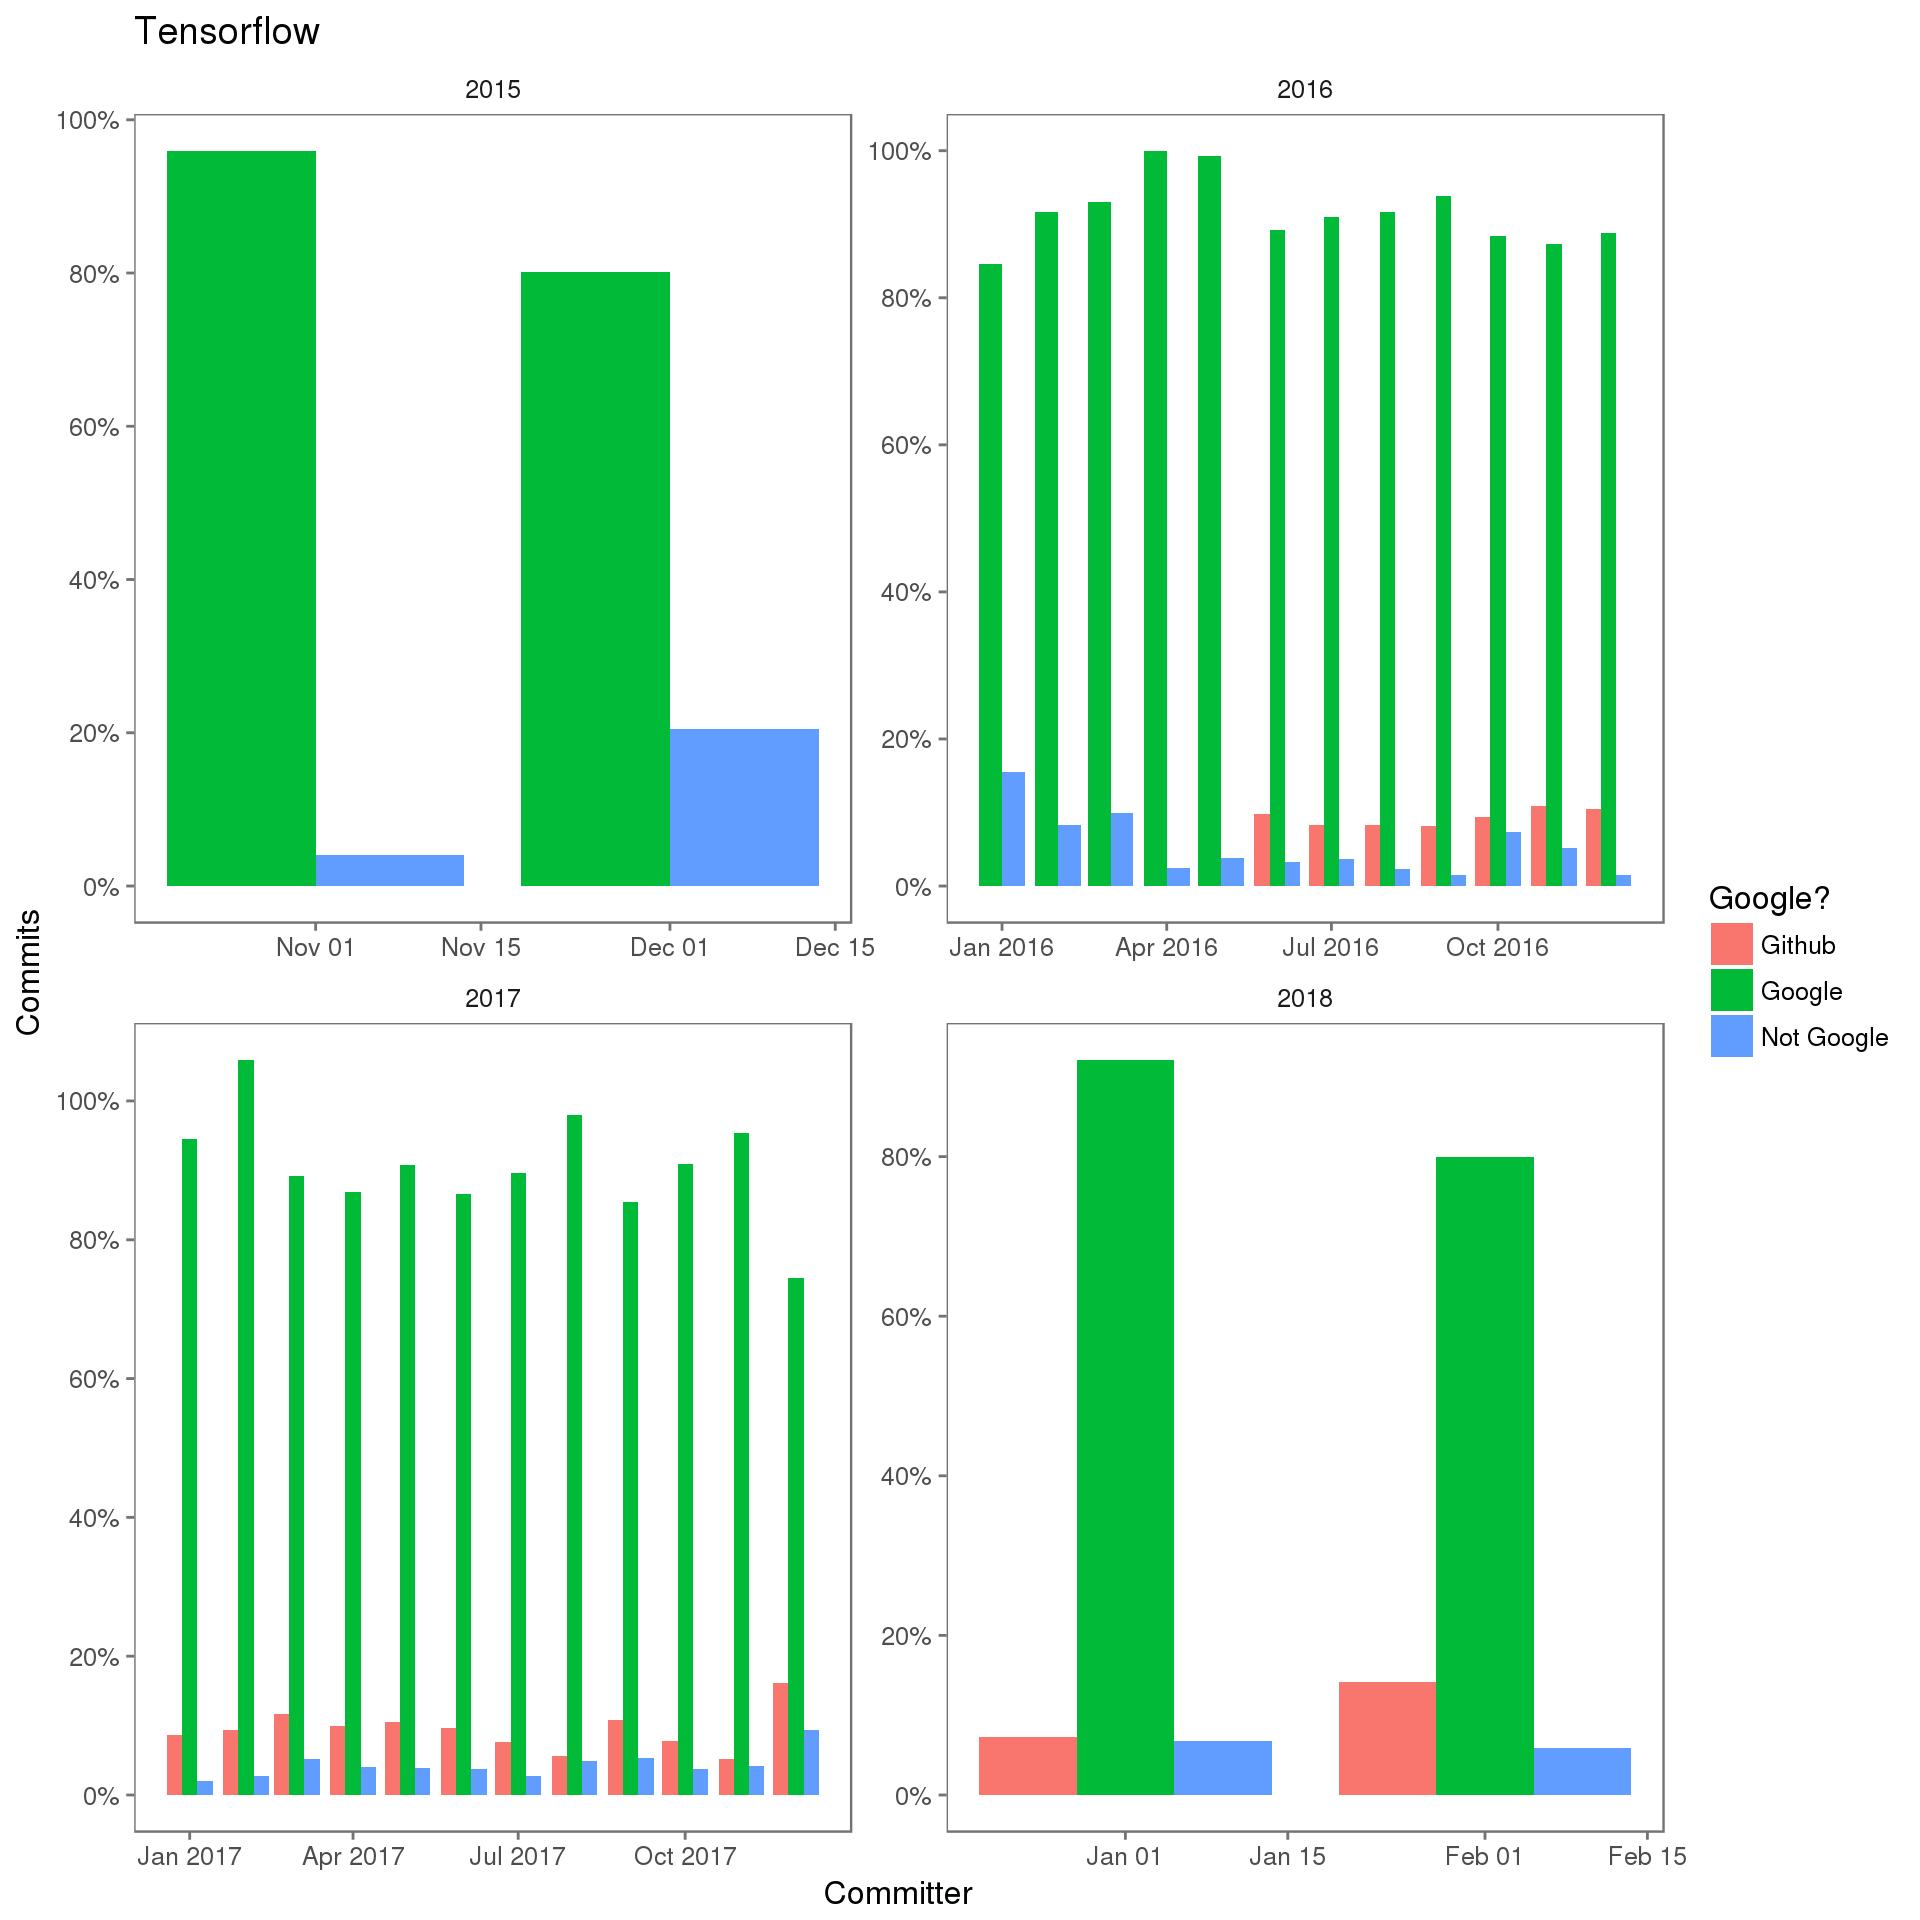 Tensorflow 提交的提交者关联分布:关于 Google 的提交者多样性声明,可能还有哪些问题?